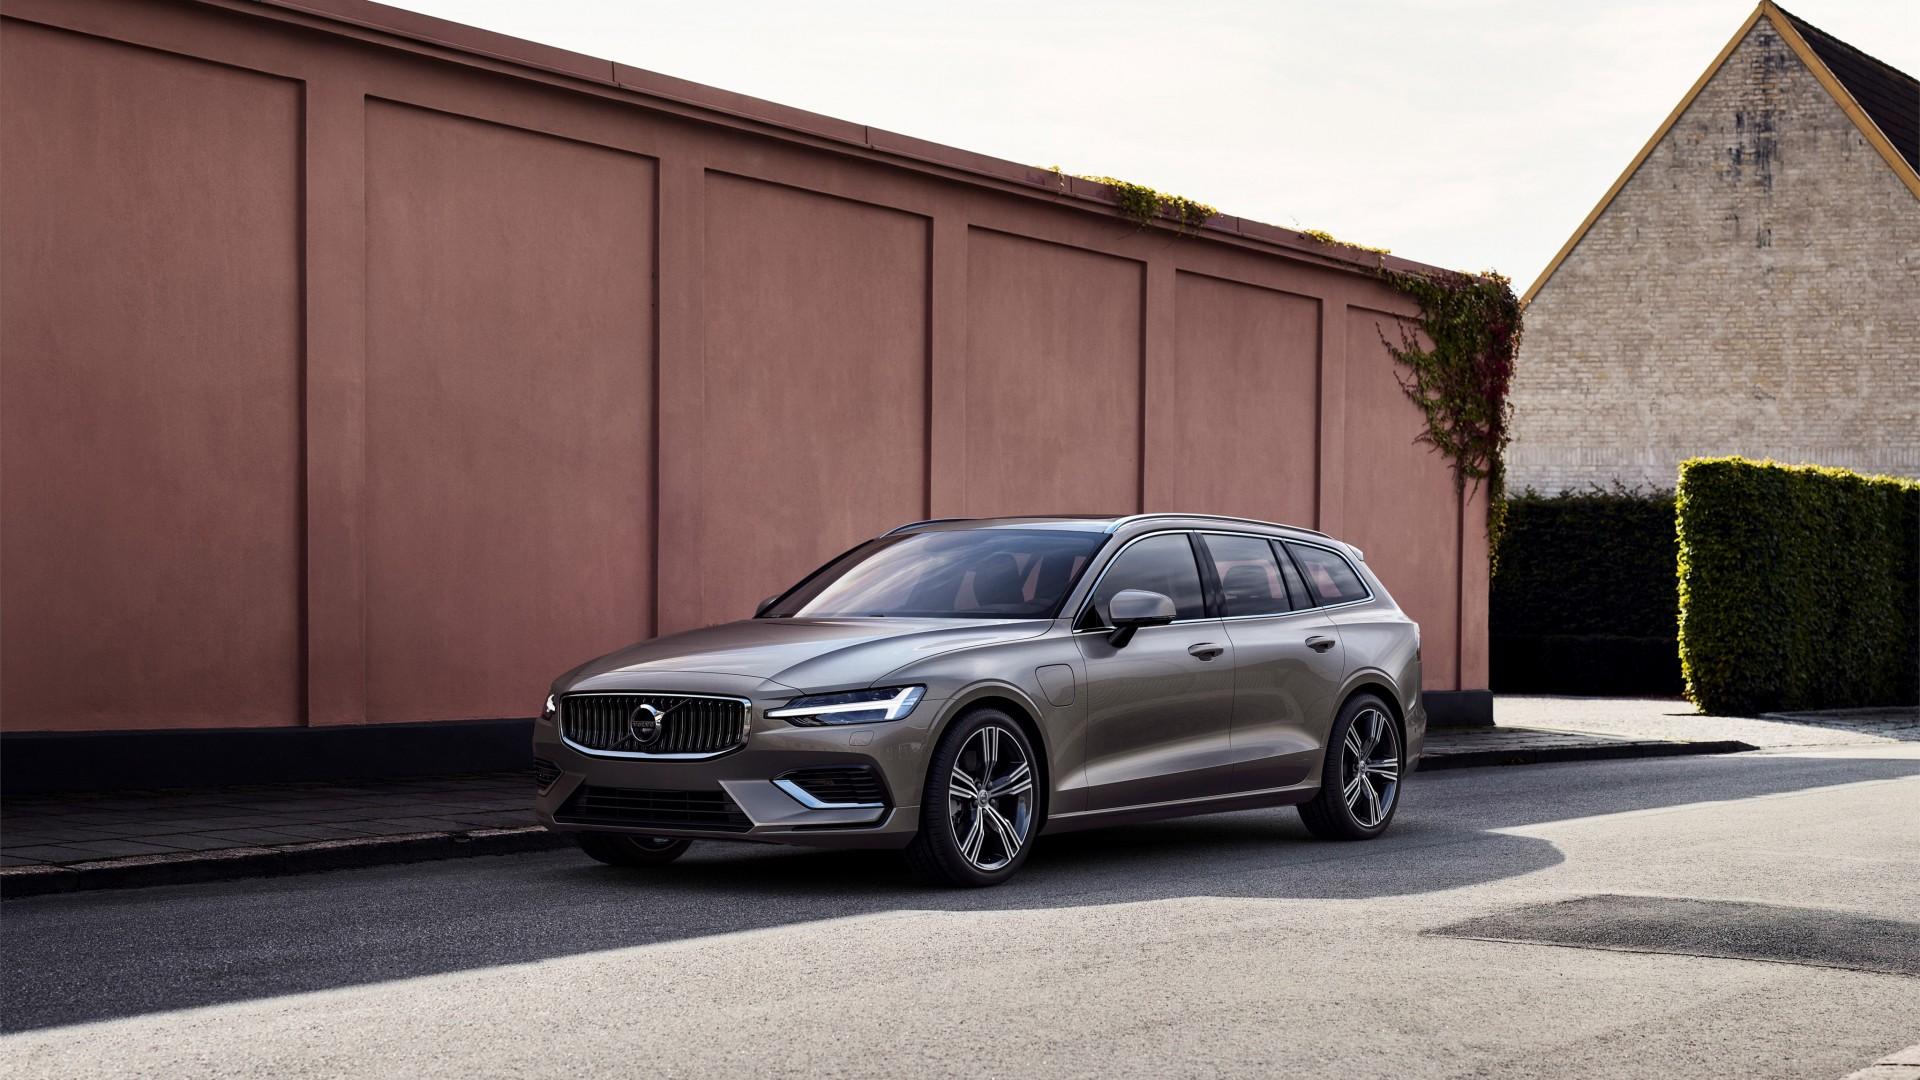 Neuer Volvo S60 2018 >> 2018 Volvo V60 T8 Inscription 4K Wallpaper | HD Car Wallpapers | ID #9622